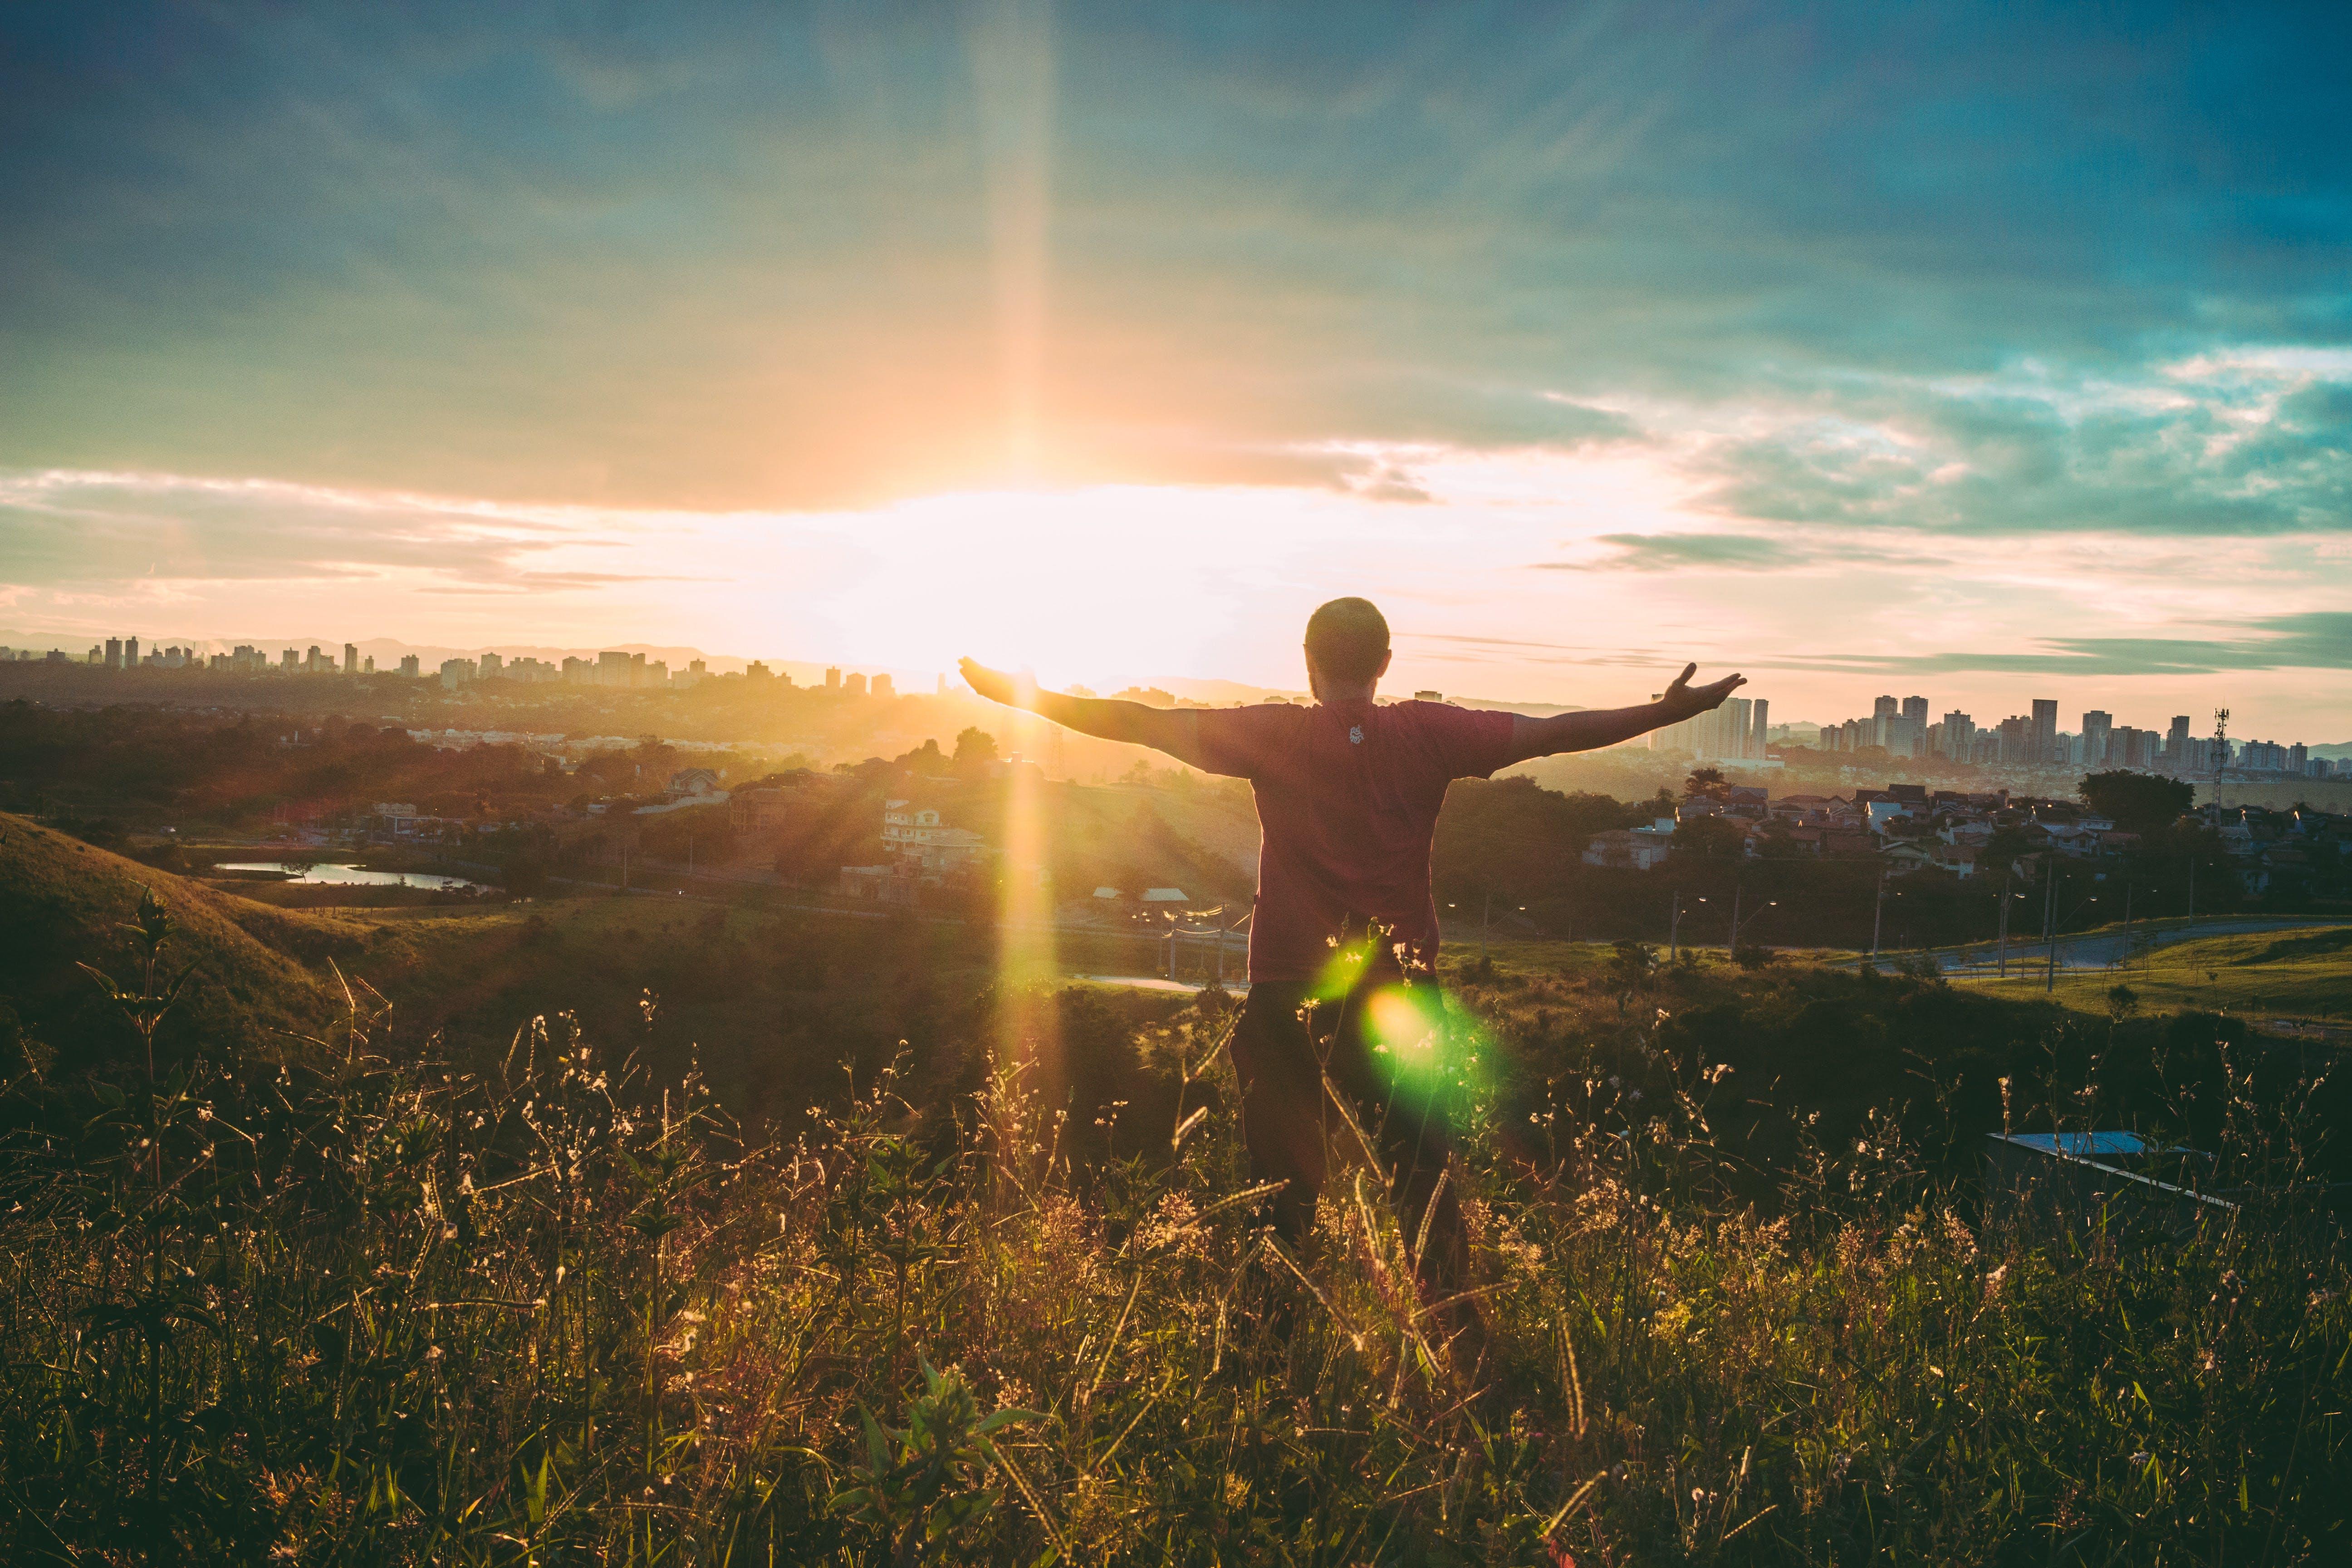 人, 光, 夏天, 天性 的 免费素材照片